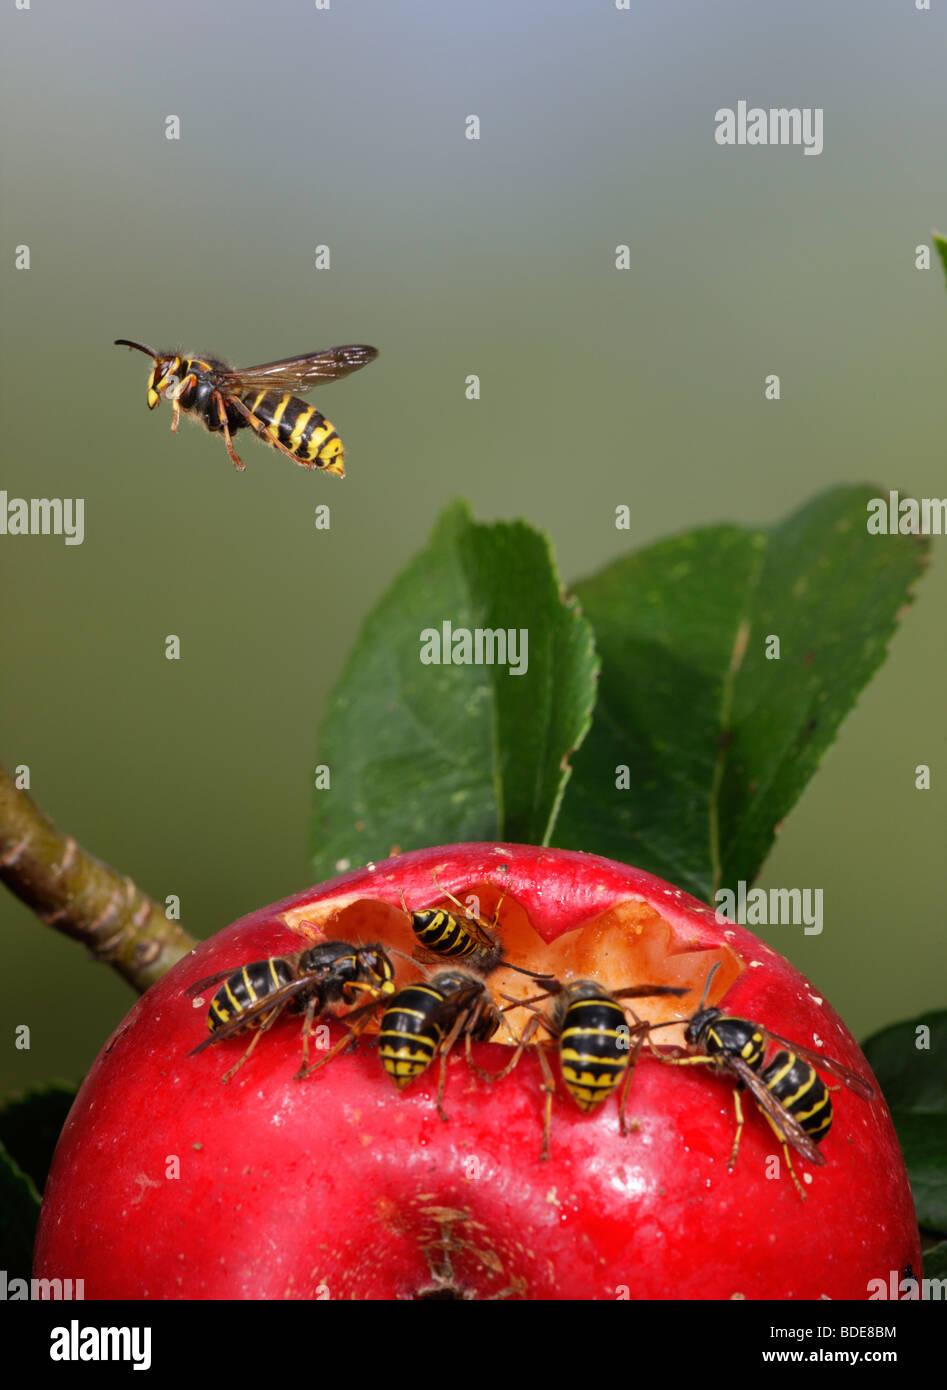 Les guêpes Dolichovespula media médian et guêpes Vespula Vulgaris communs se nourrissent de pommes Photo Stock